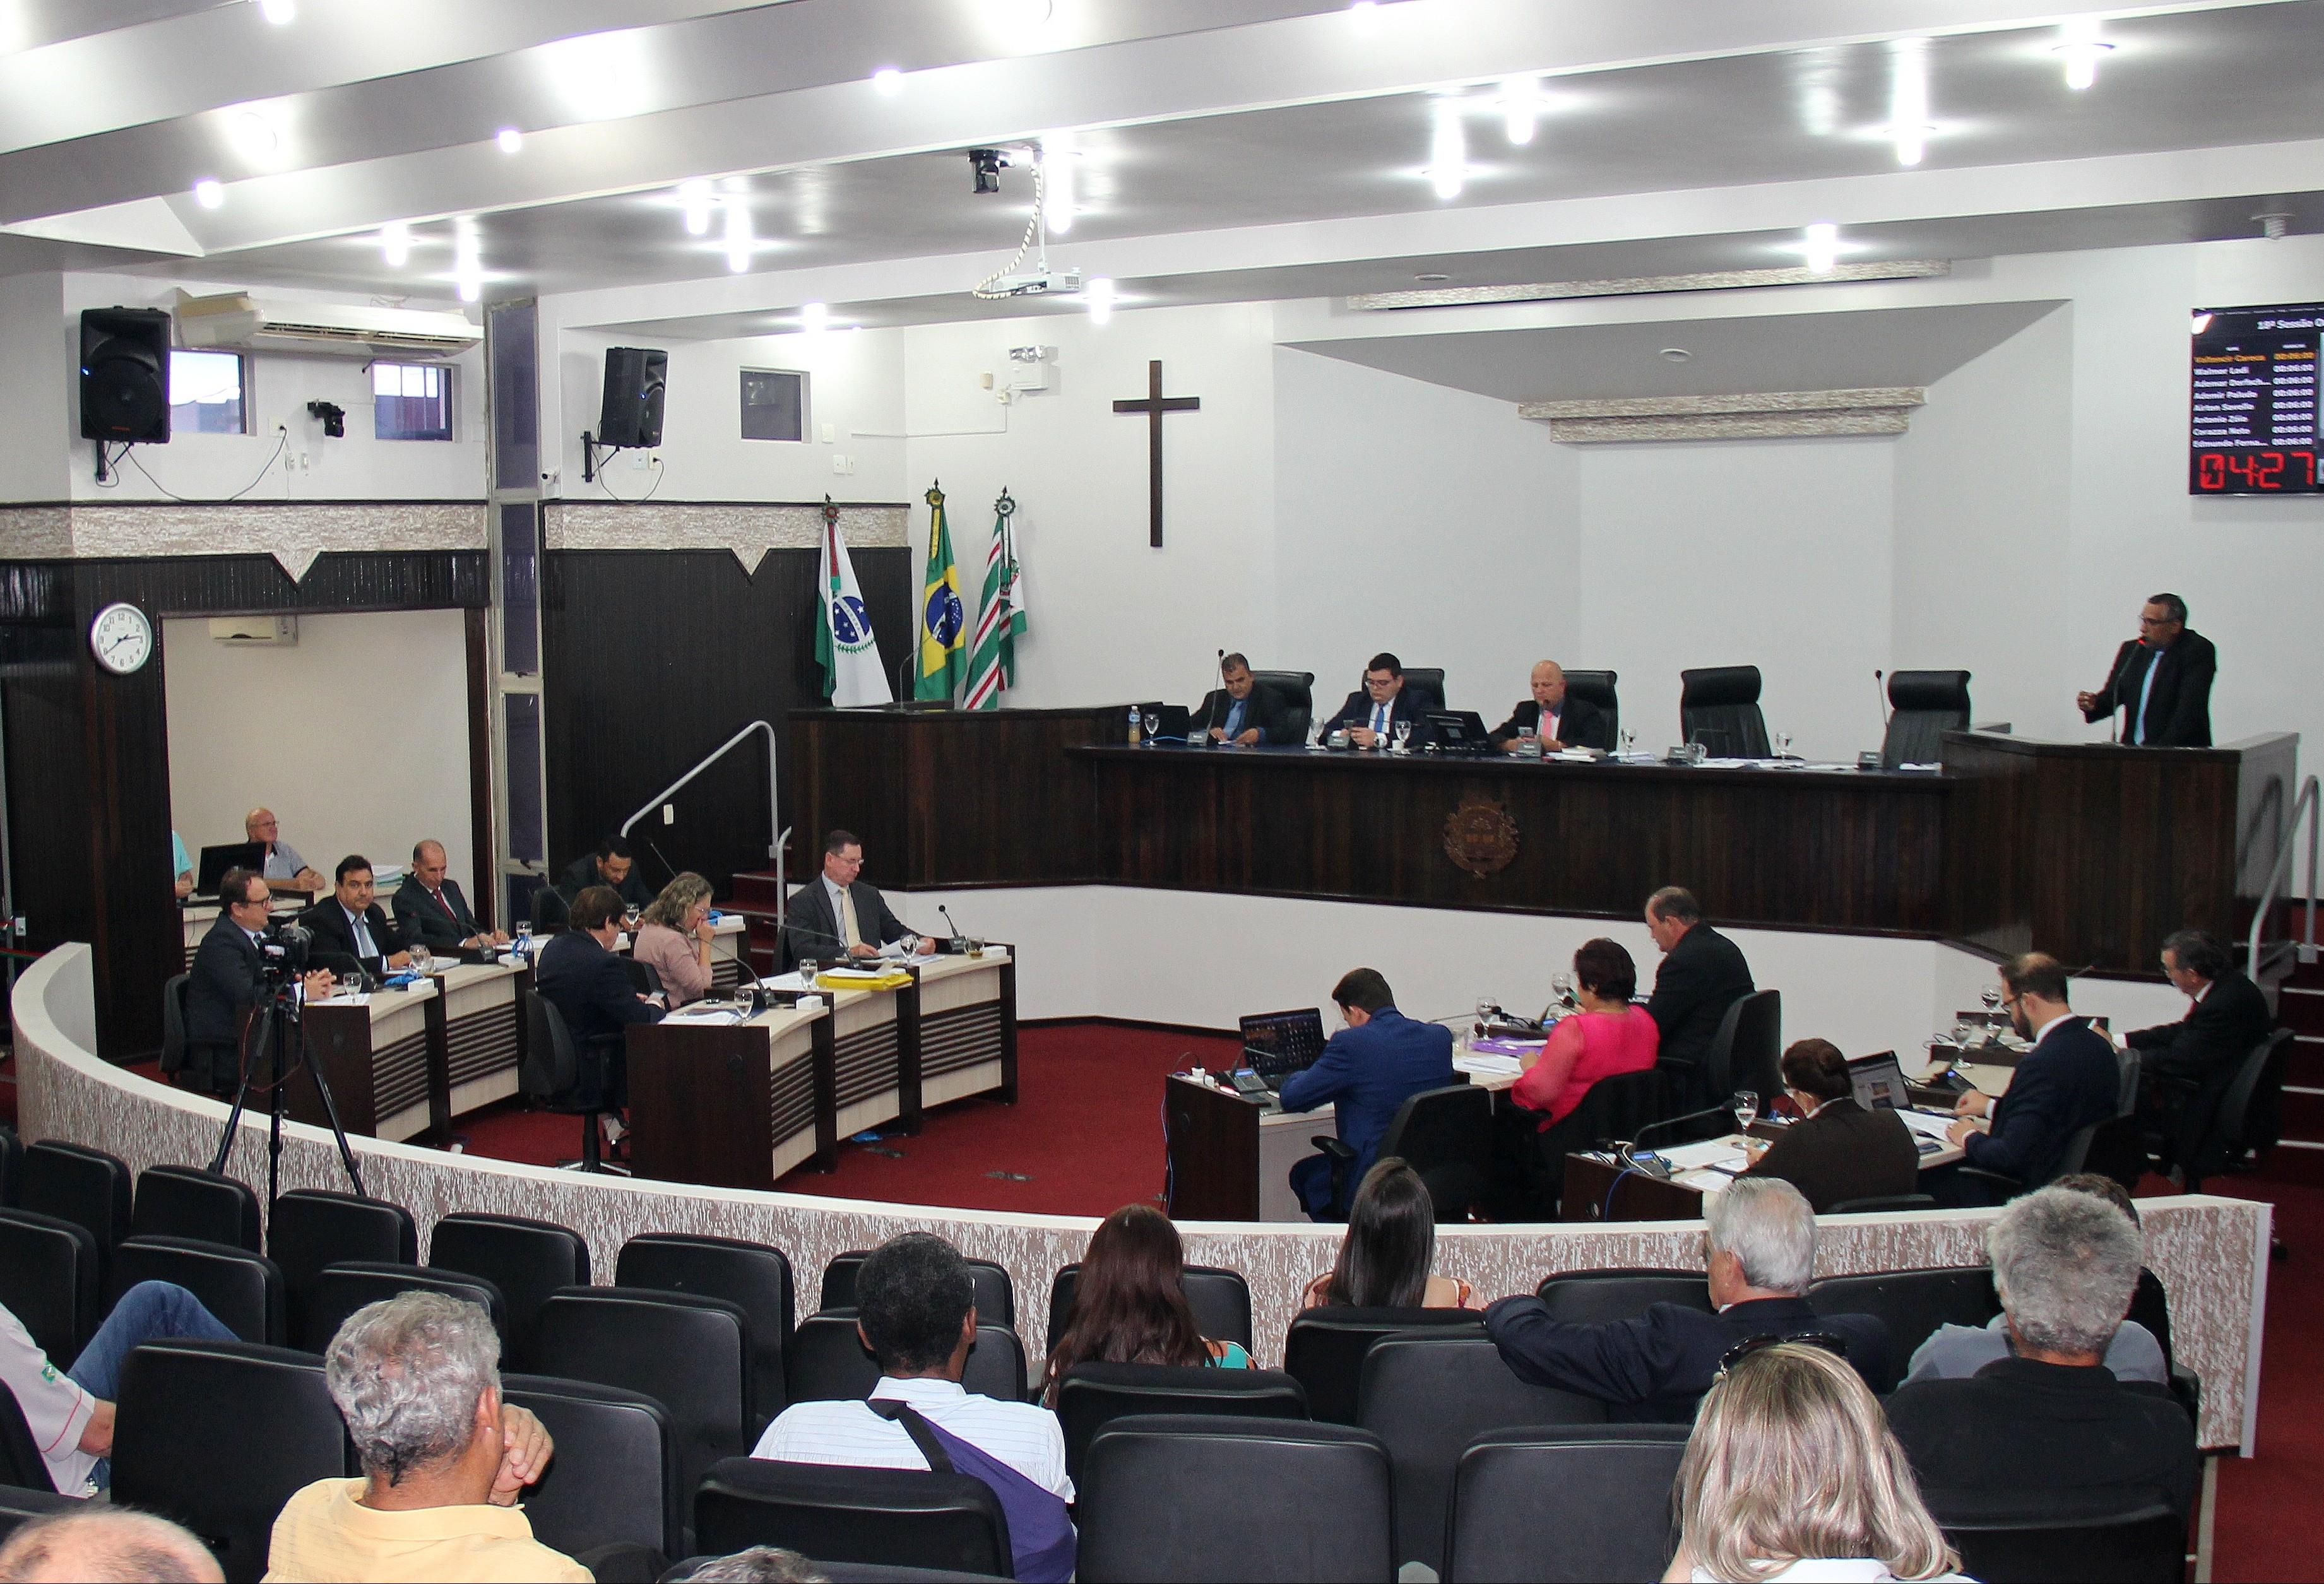 Comissão de Ética investiga caso de suposta ameaça à vereadora